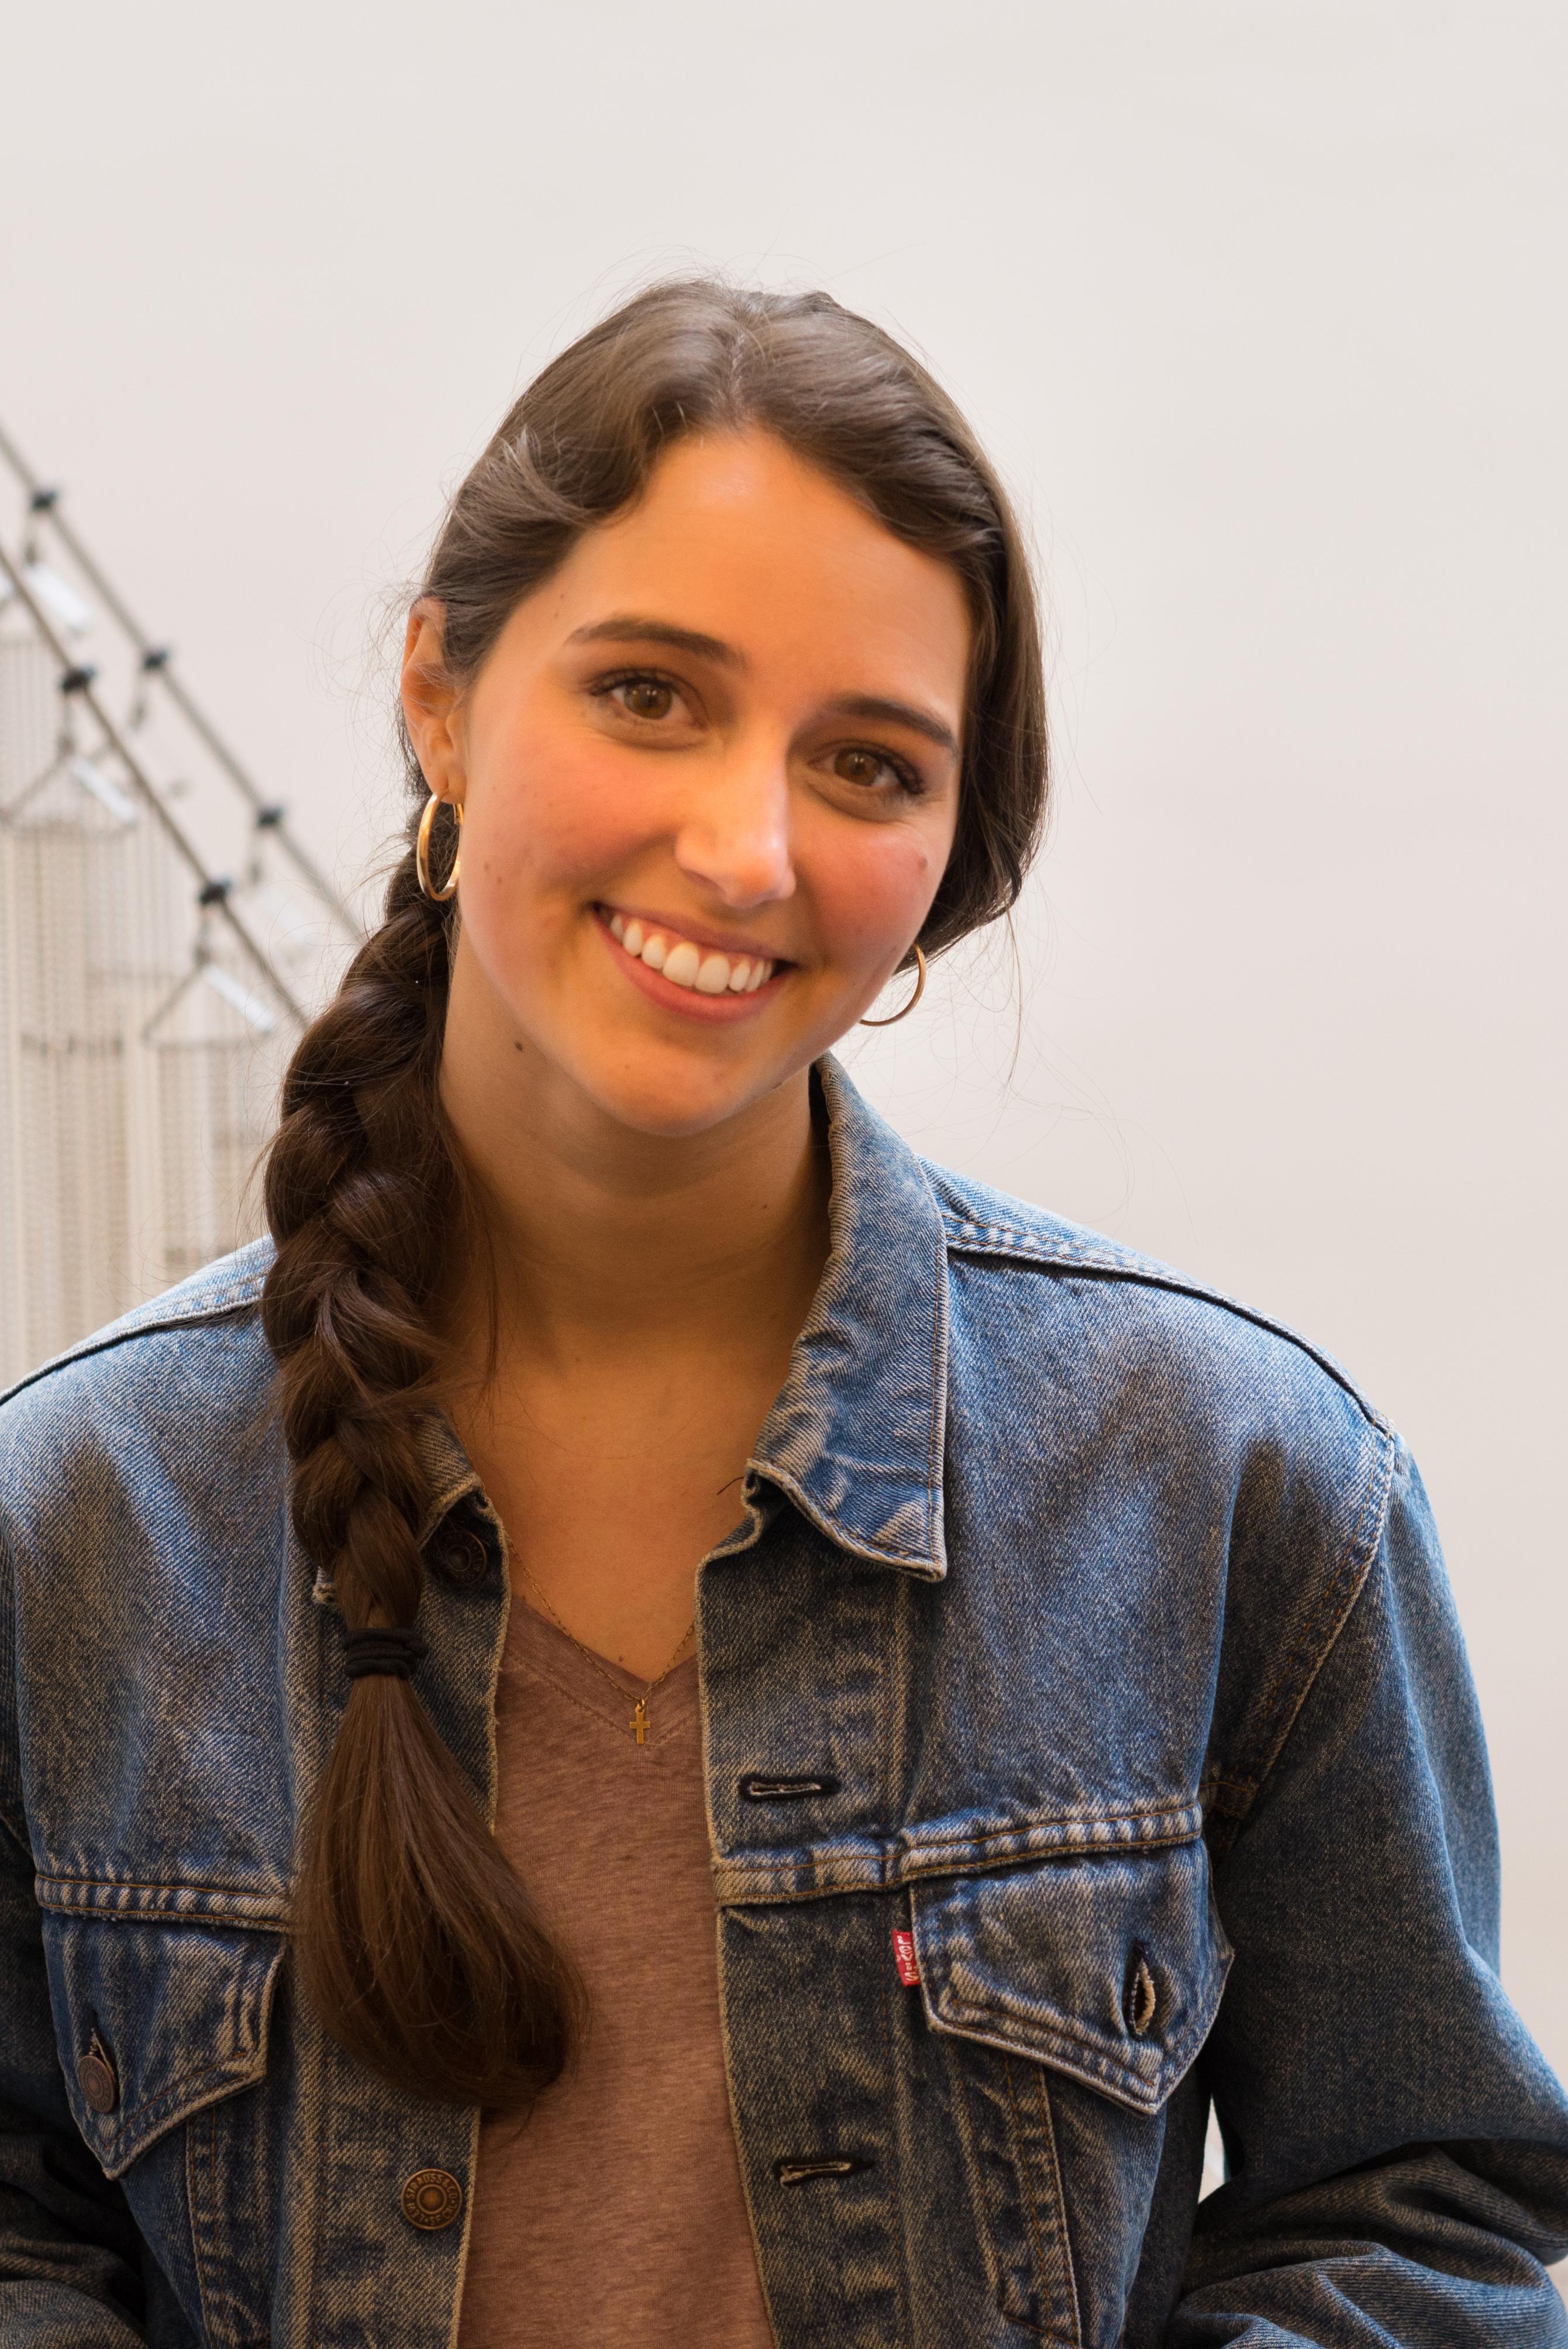 Jessica Lynn Skinner